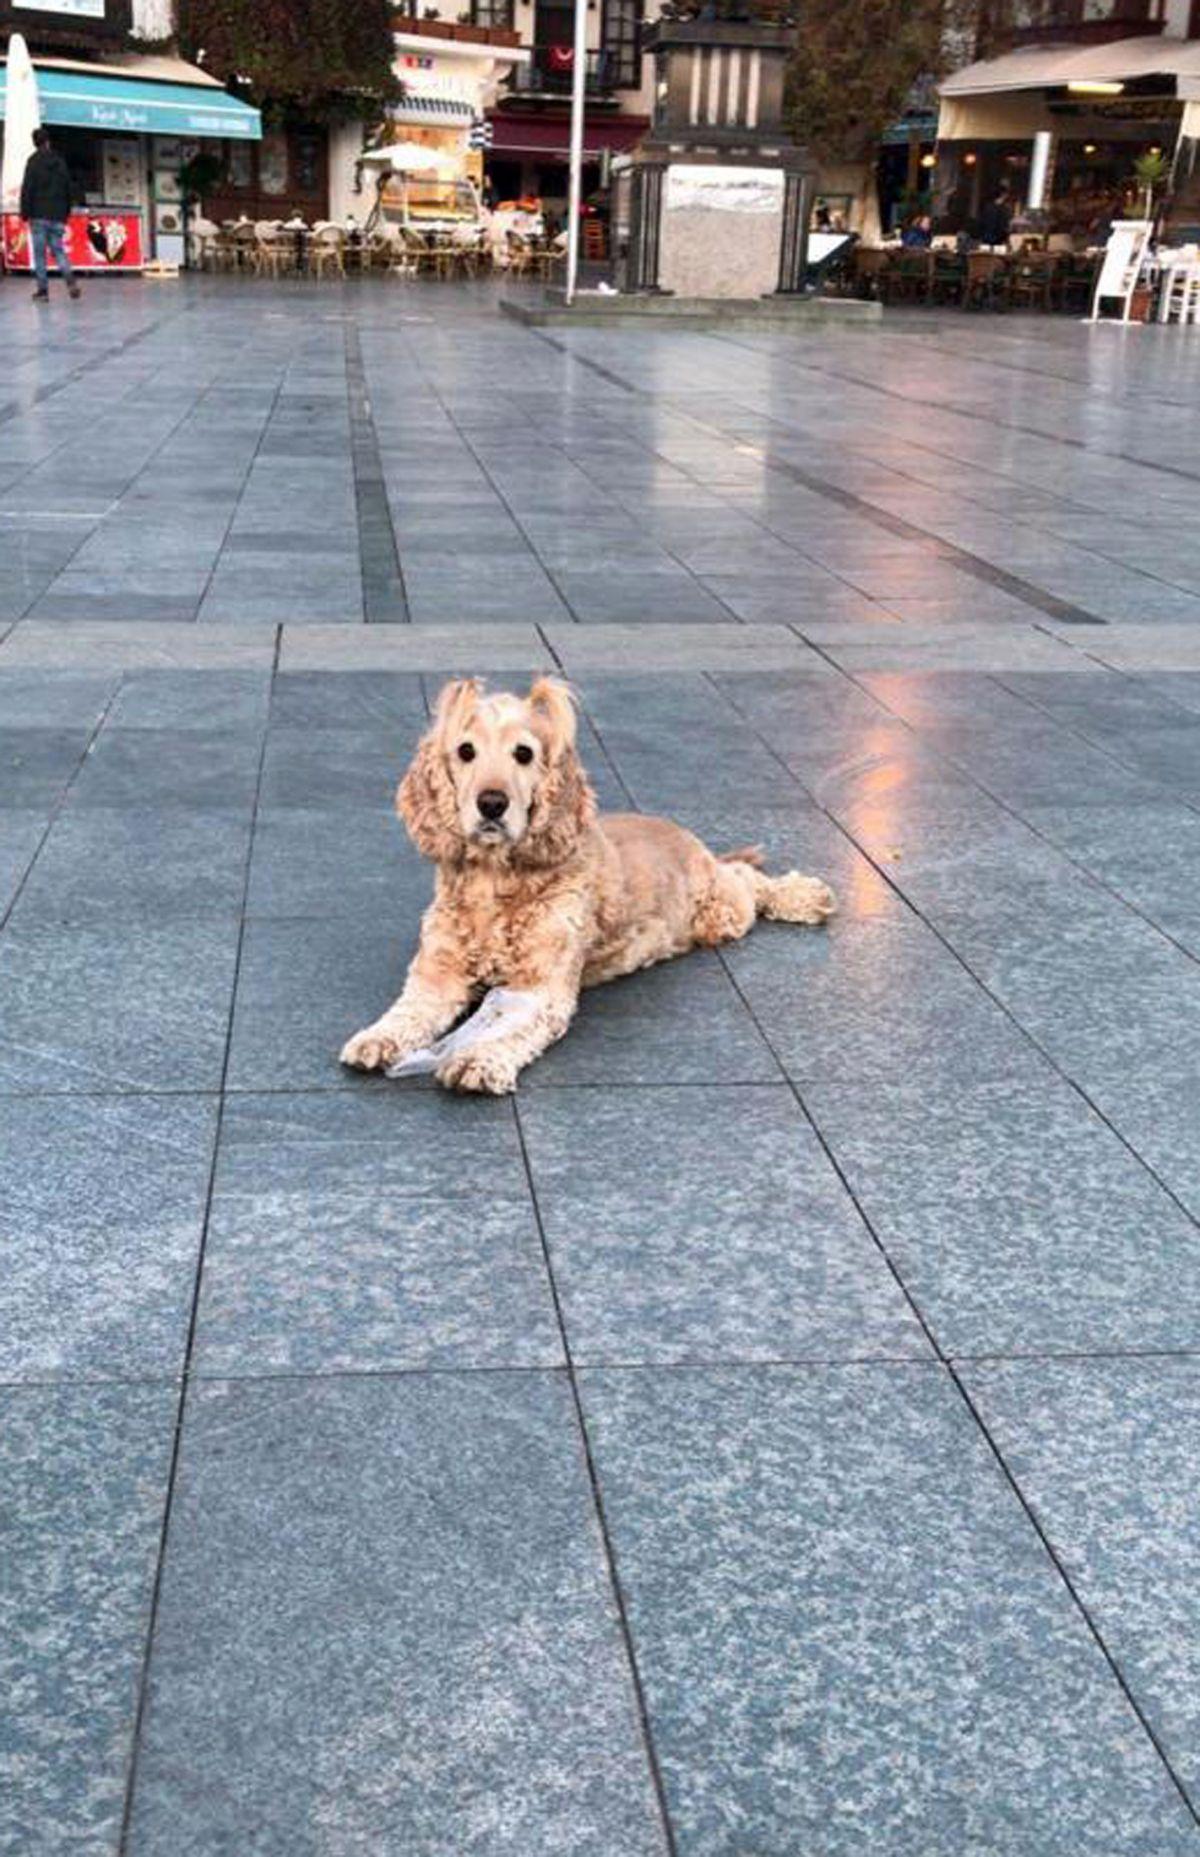 Antalya daki köpek, artık yaşamadığı evden uzaklaştırıldı #4